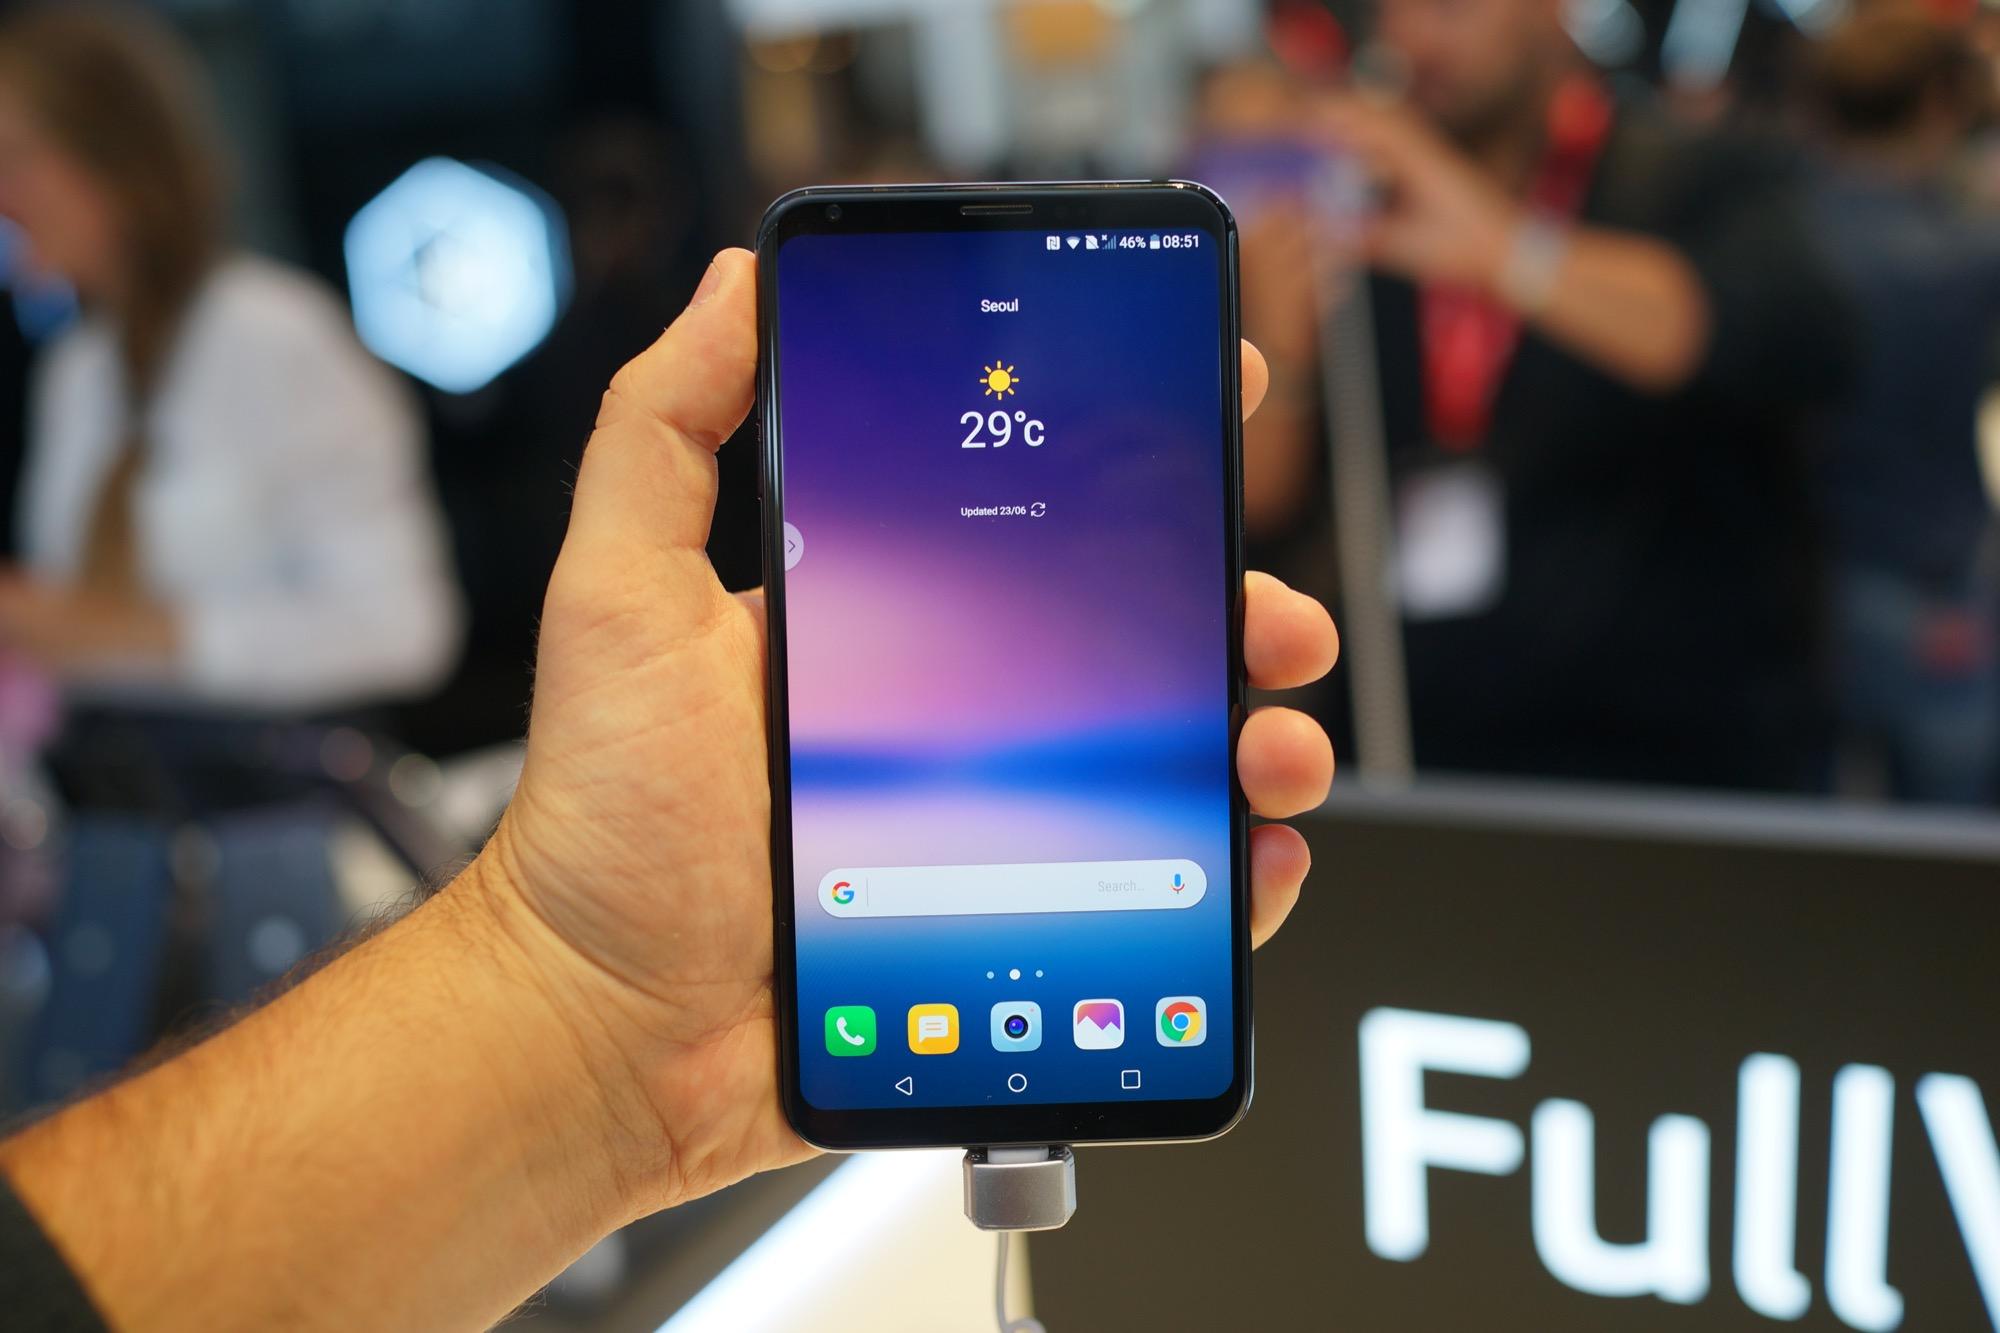 Unboxing du LG V30, le meilleur smartphone de LG avec écran pOLED